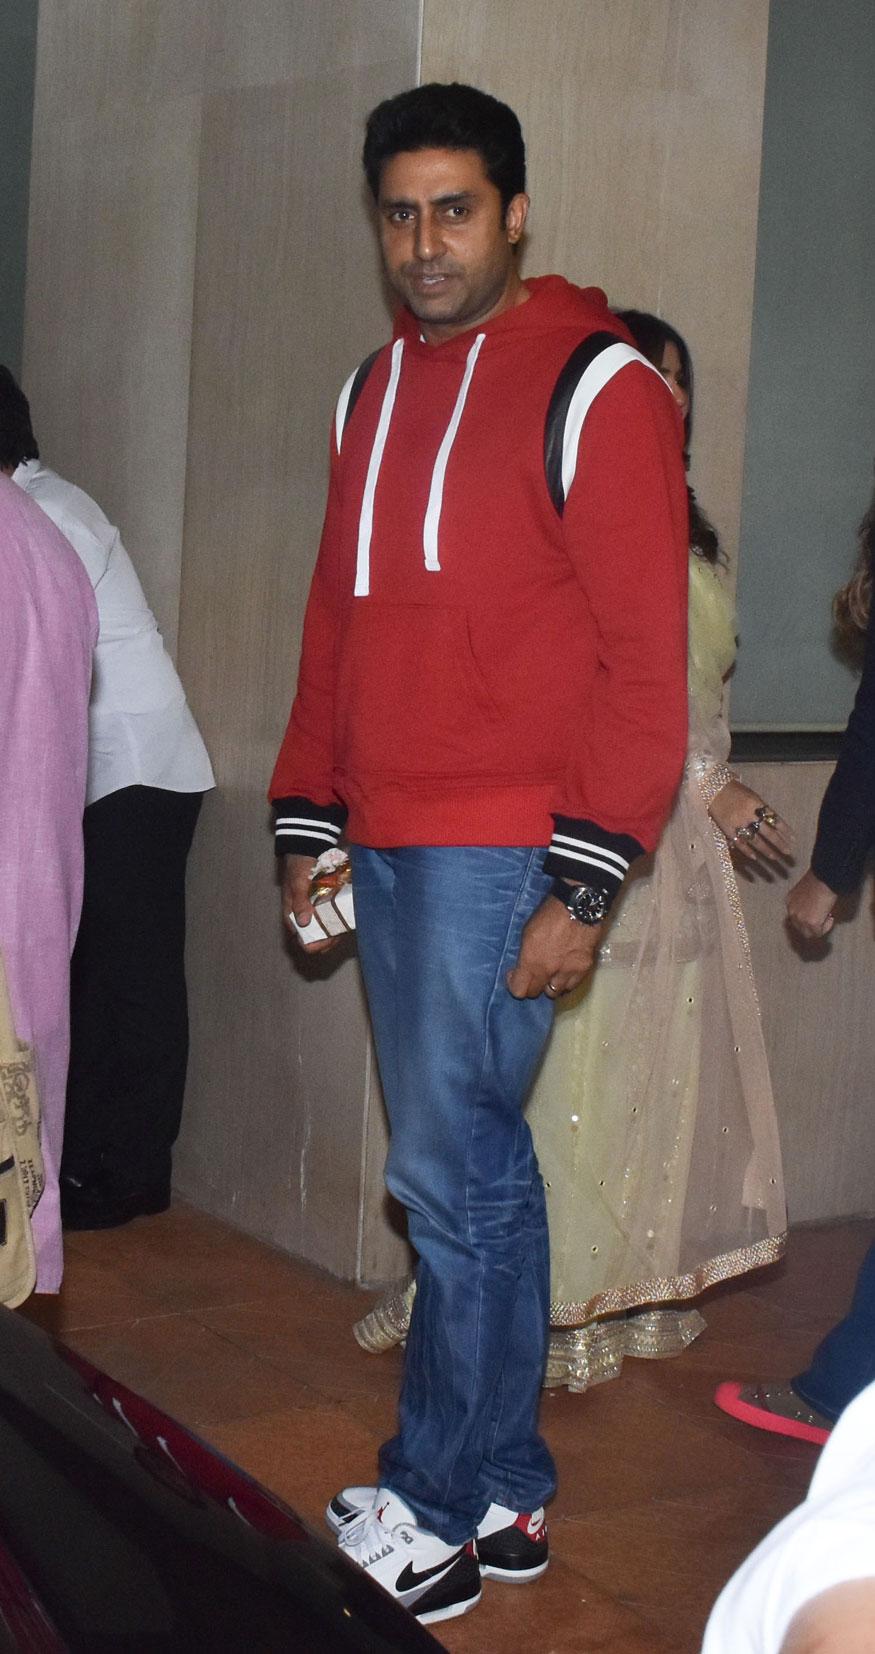 अभिनेता अभिषेक बच्चन भी बहन श्वेता बच्चन के साथ इस समारोह का हिस्सा बने.